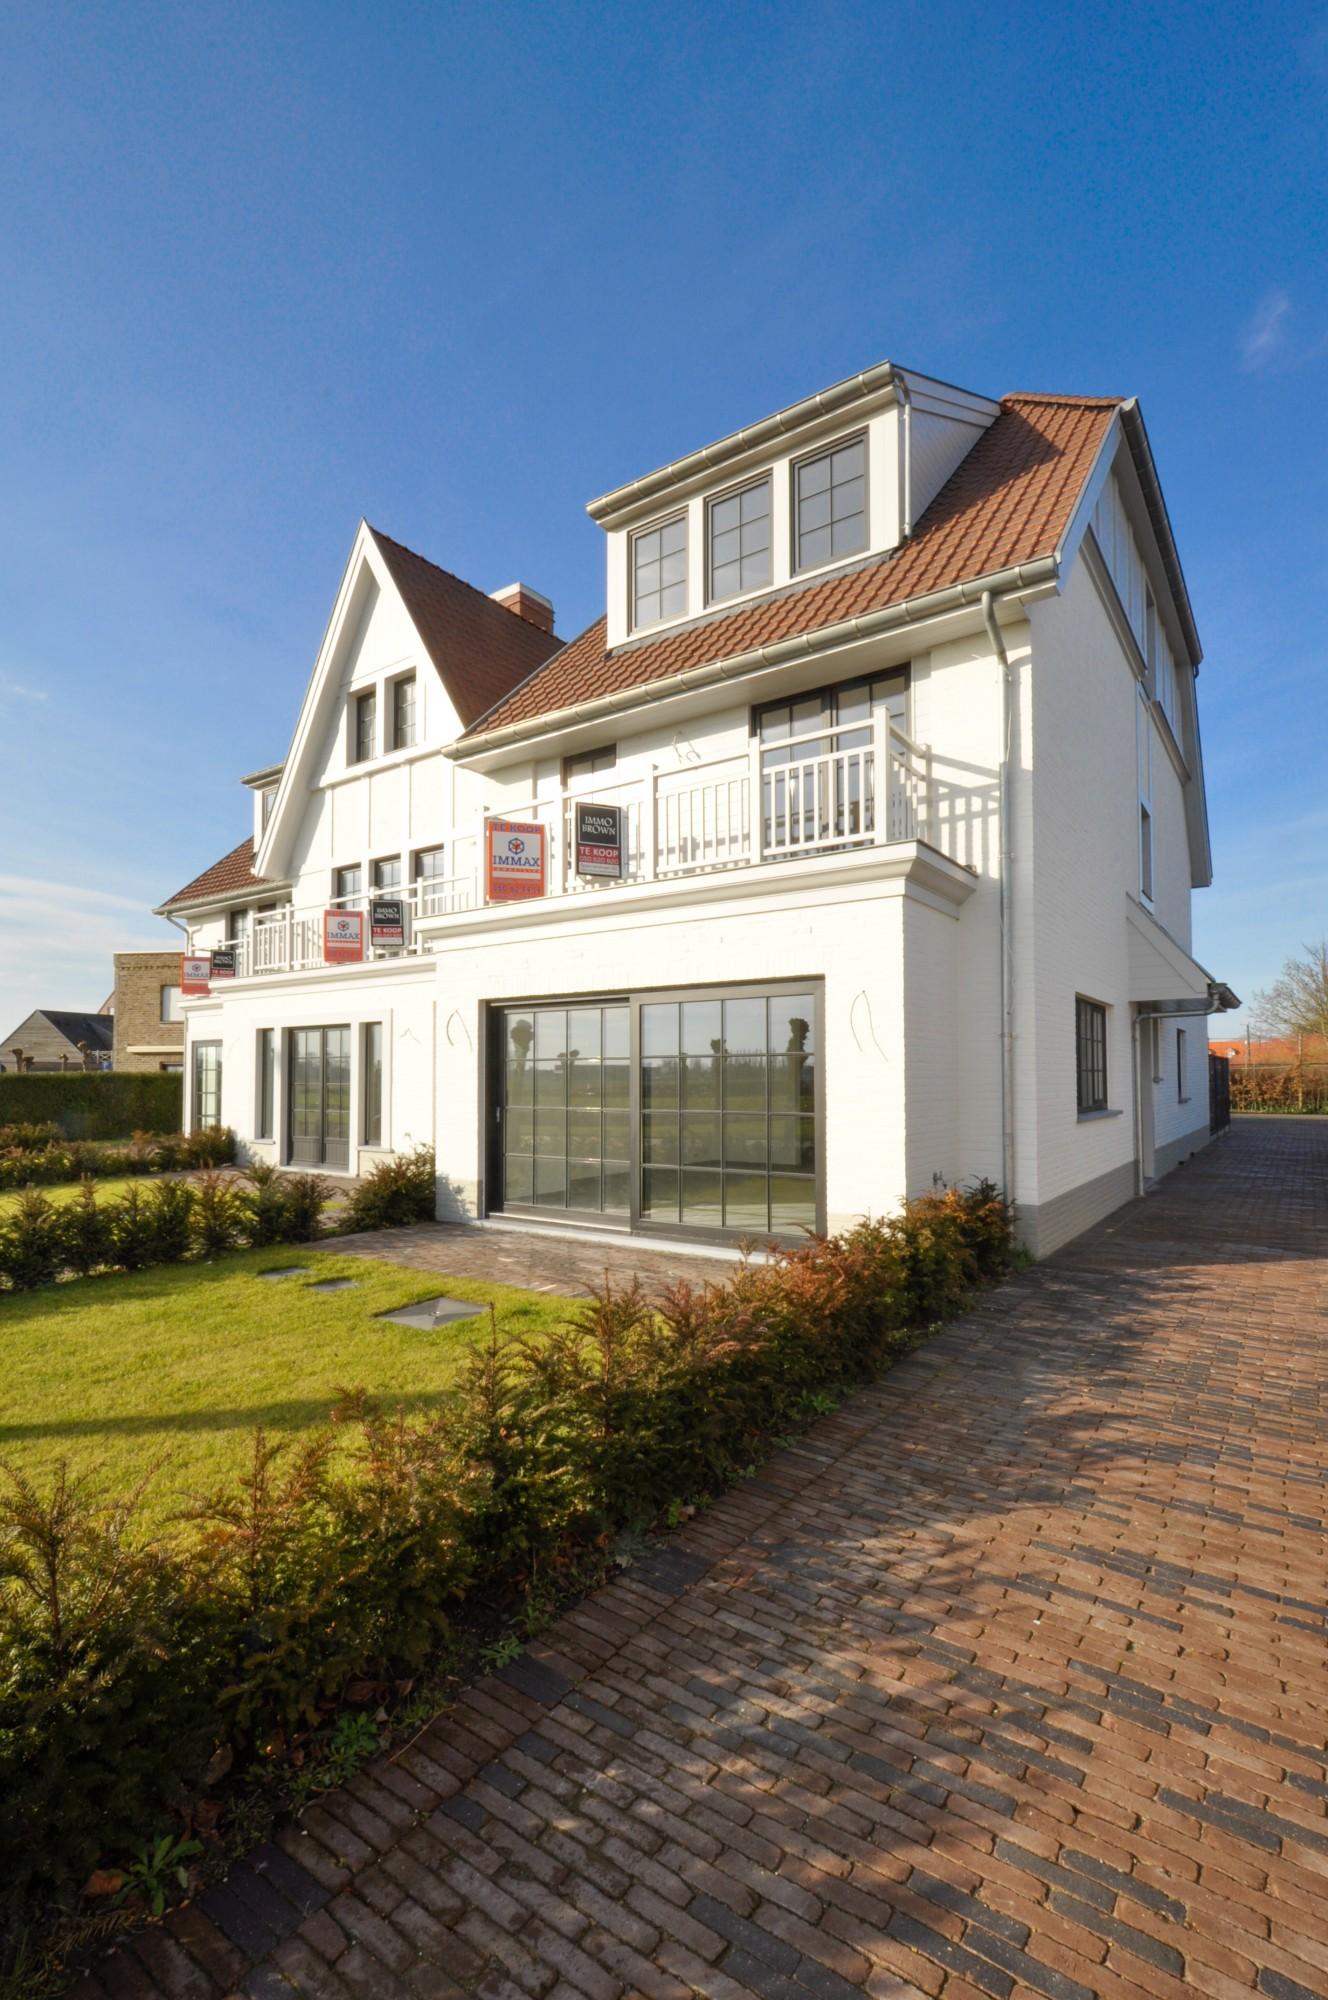 Verkoop huis t5 f5 knokke heist apollo xi laan open for Huis verkoop site